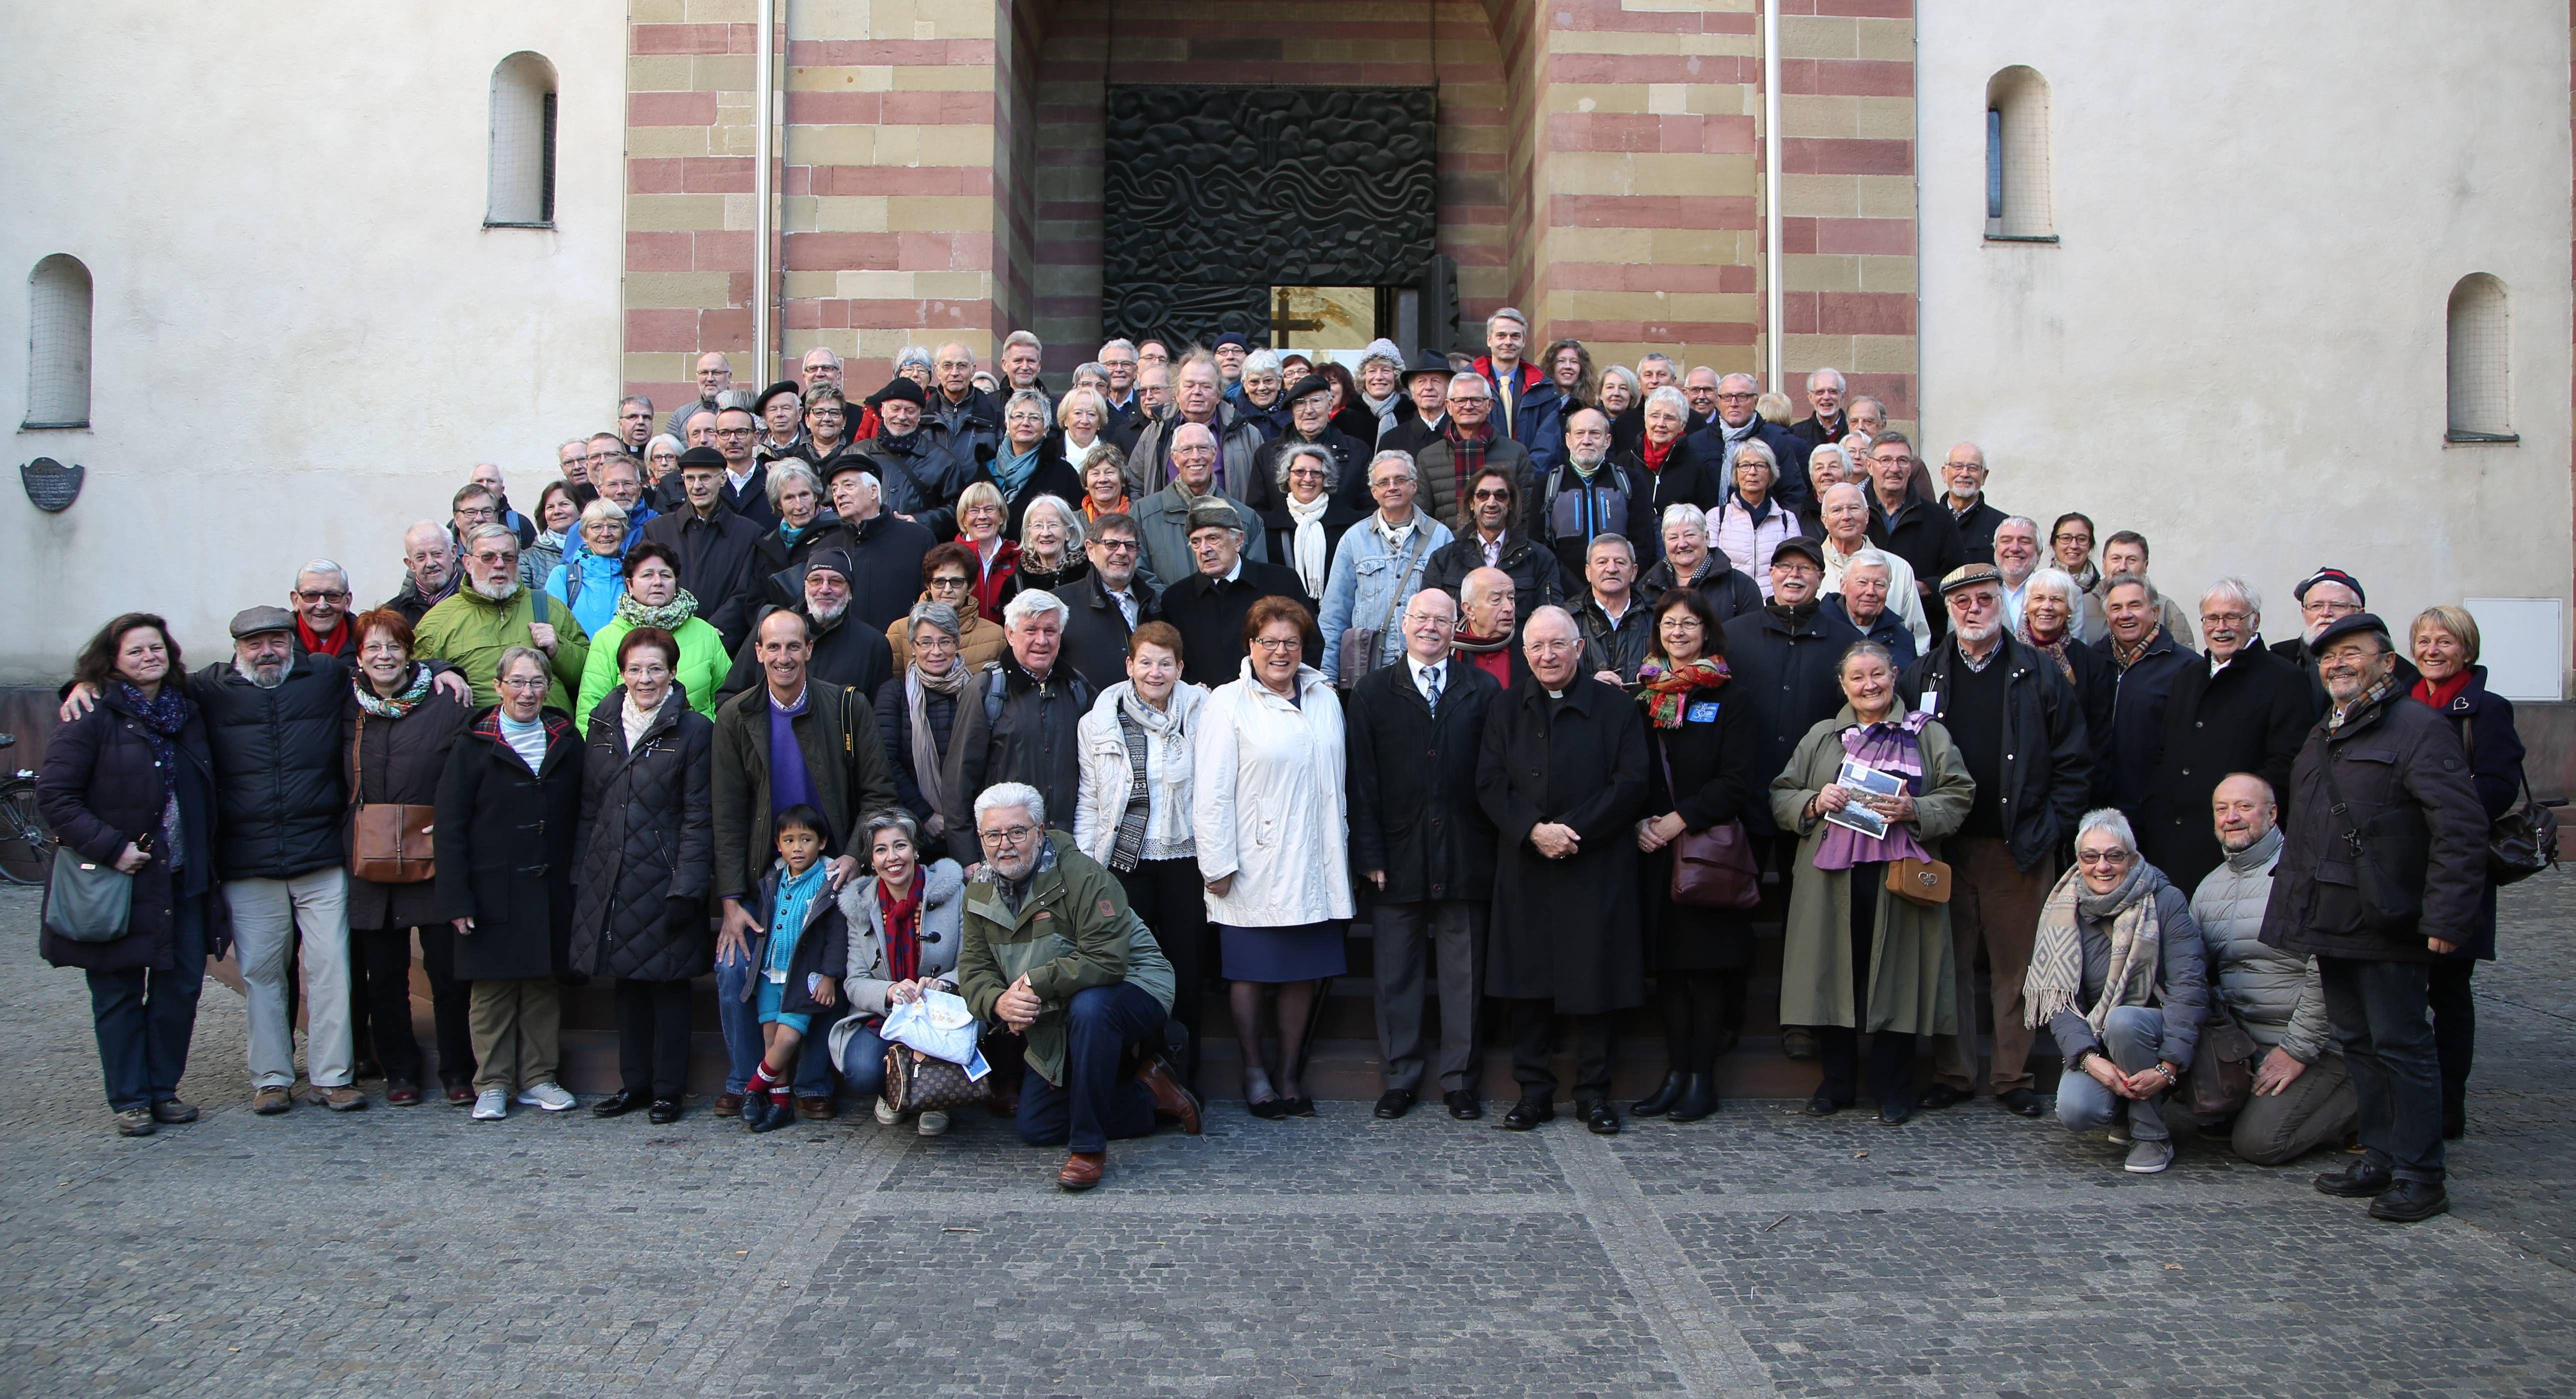 Die Mitglieder der Fränkischen Sankt Jakobus-Gesellschaft vor dem Würzburger Kiliansdom.